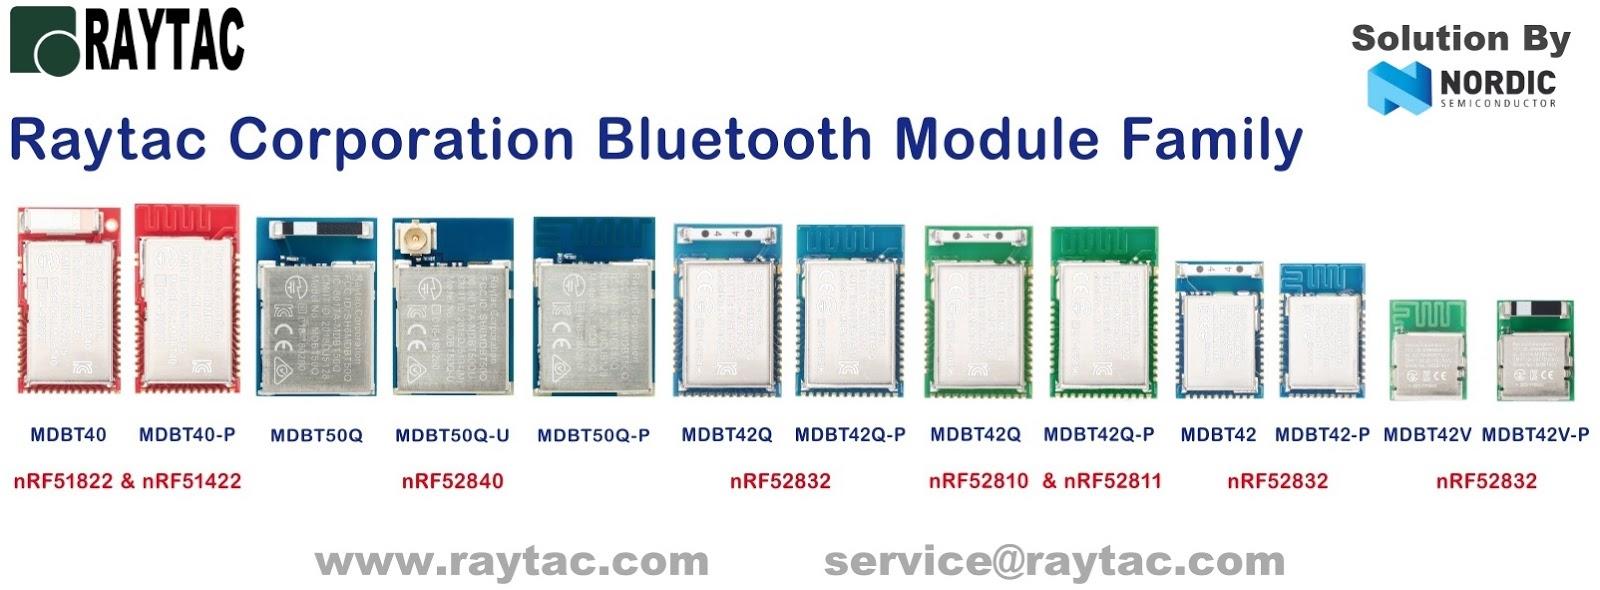 BLE & BT5 & BT4 2& BT4 1& BT4 0 Module: New Distributor Announcement